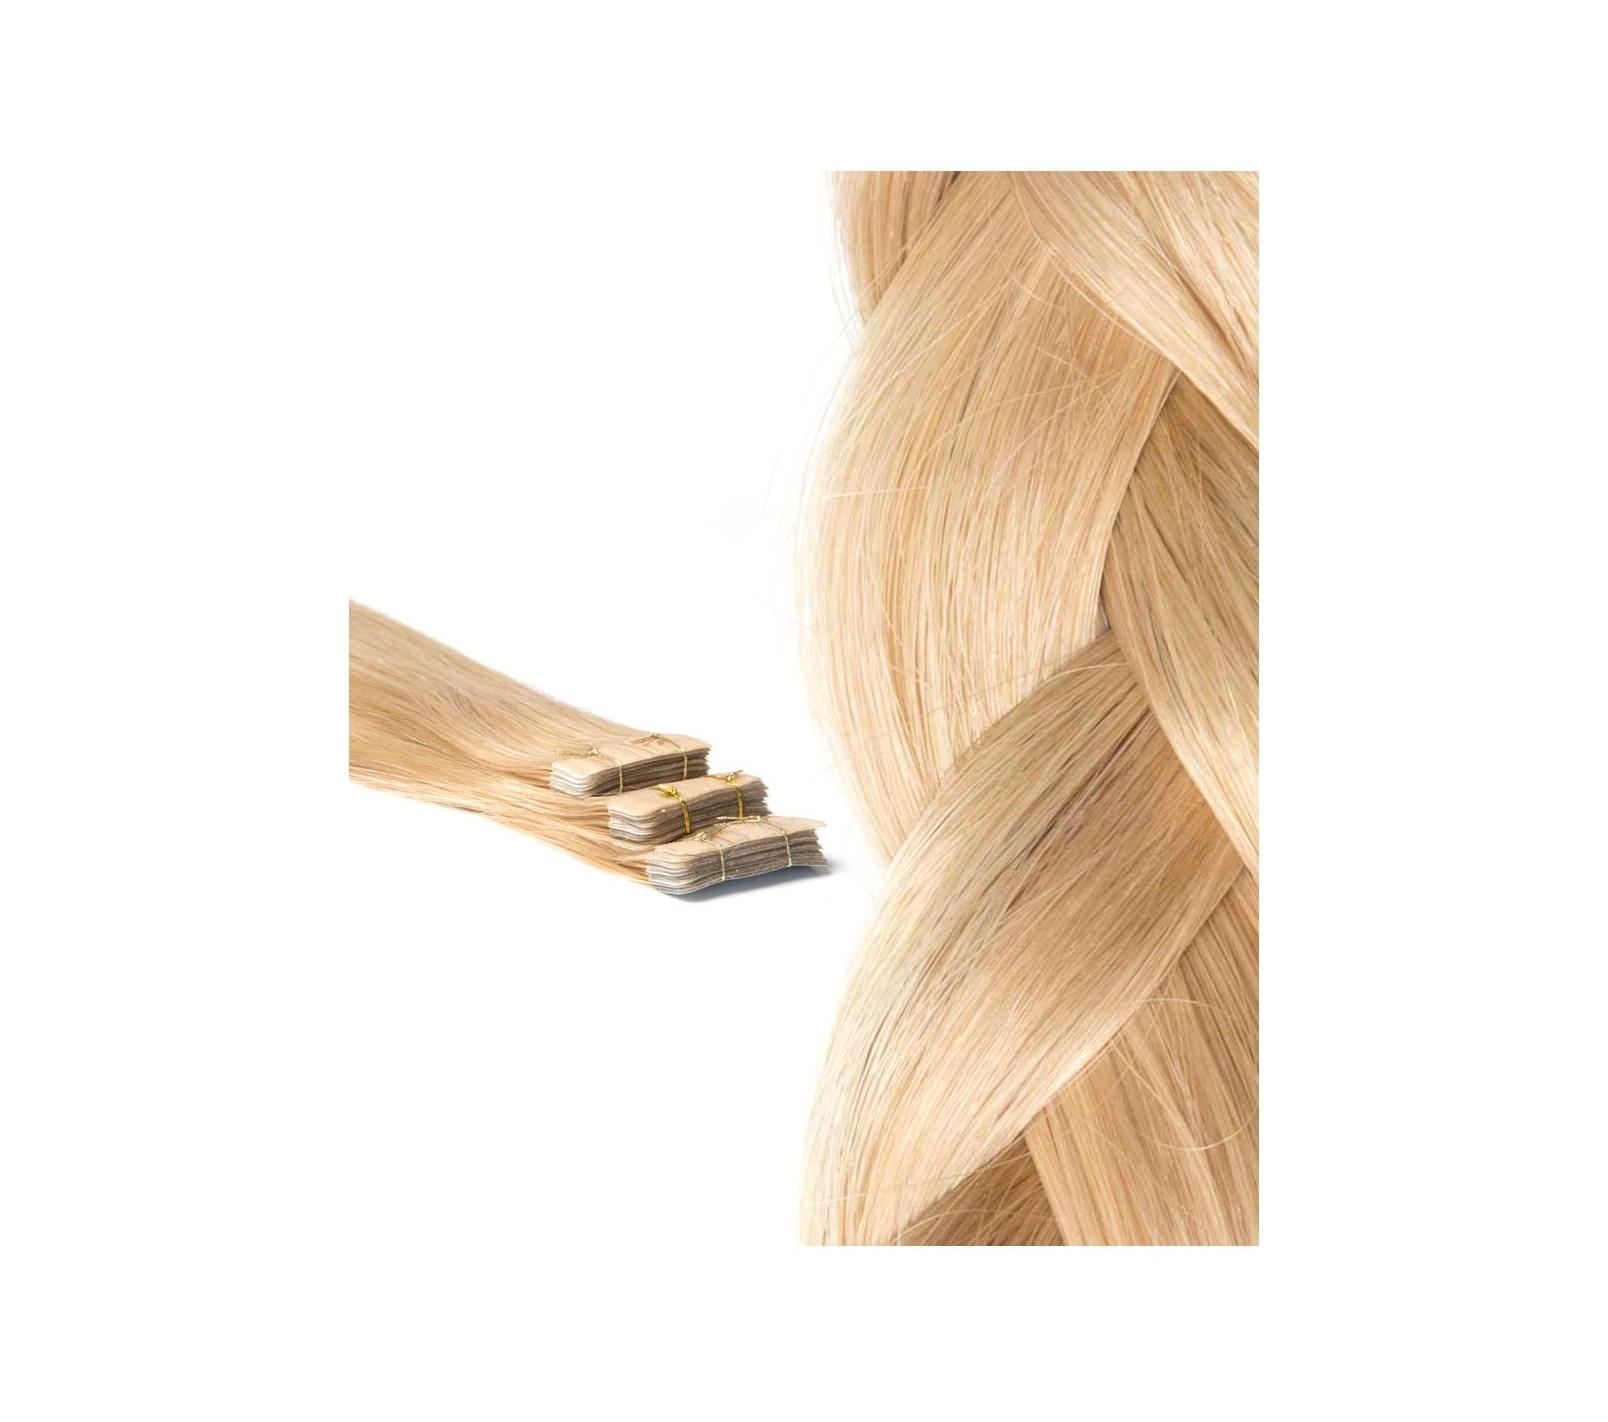 extension de cheveux en bande cheveux russes v ritables. Black Bedroom Furniture Sets. Home Design Ideas